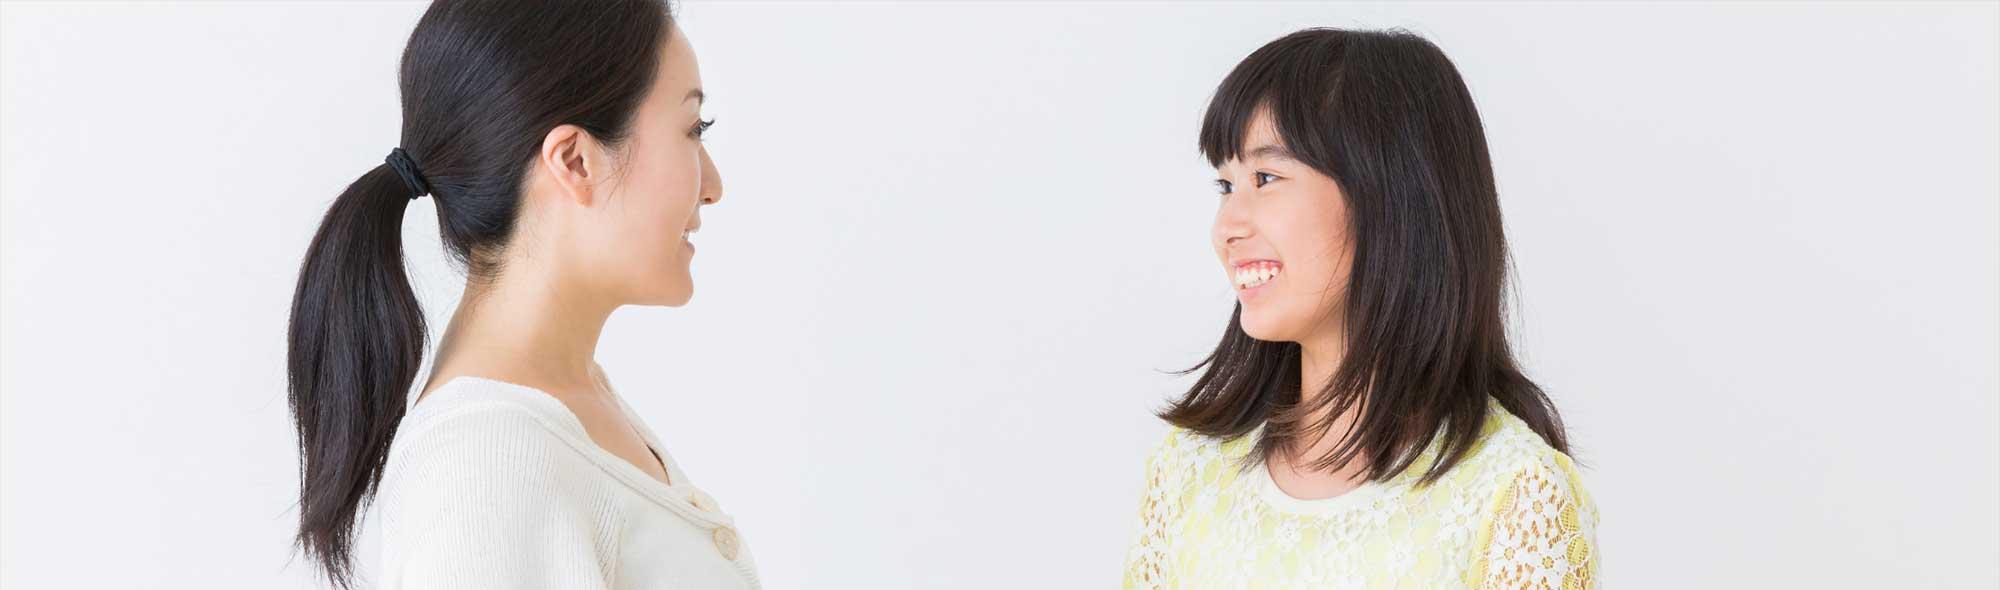 【家族カウンセリング講座内容】実践型! 親も子も幸せ 愛が伝わる魔法のコミュニケーション